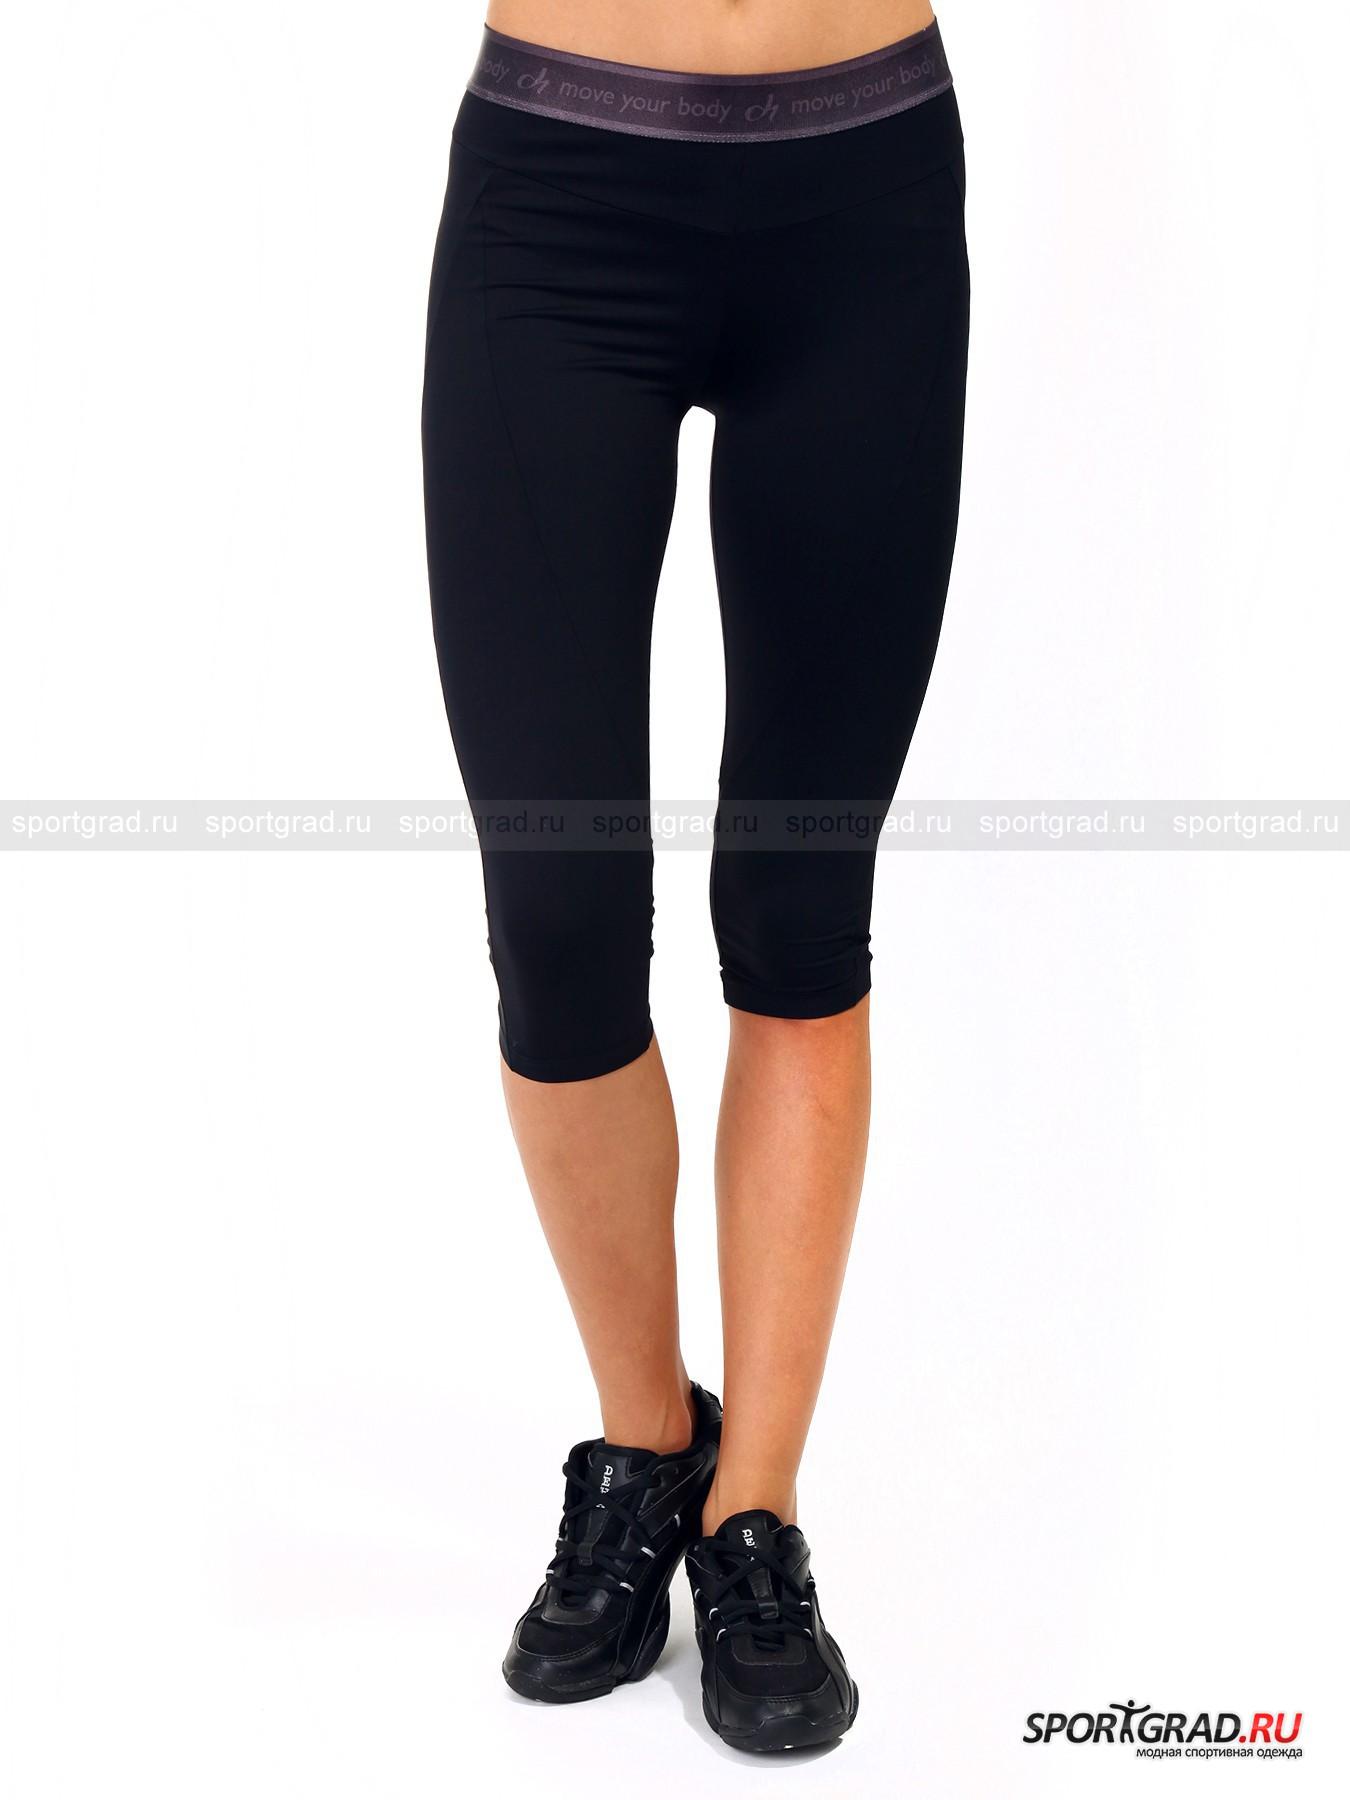 Бриджи женские DEHA для фитнесаБриджи, Капри<br>Женские бриджи DEHA, скроенные по уникальному лекалу, на занятиях по фитнесу за счет умеренного компрессионного эффекта эластичного материала будут красиво облегать ножки и даже в некоторой степени поддерживать мышцы. Суперпрочная плоская резинка пояса, принт на котором призывает к физической активности, надежно фиксирует изделие на бедрах.<br> <br>Длина изделия по боковому шву с учетом пояса ок. 60, 5 см, ширина по бедрам 36 см (размер S).<br><br>Пол: Женский<br>Возраст: Взрослый<br>Тип: Бриджи, Капри<br>Рекомендации по уходу: Изделию показана стирка при температуре строго 30°, глажка при температуре, не превышающей 110°, и химчистка. Запрещены отбеливание и сушка в стиральной машине или электросушилке для белья.<br>Состав: 83% полиамид, 17%  эластан